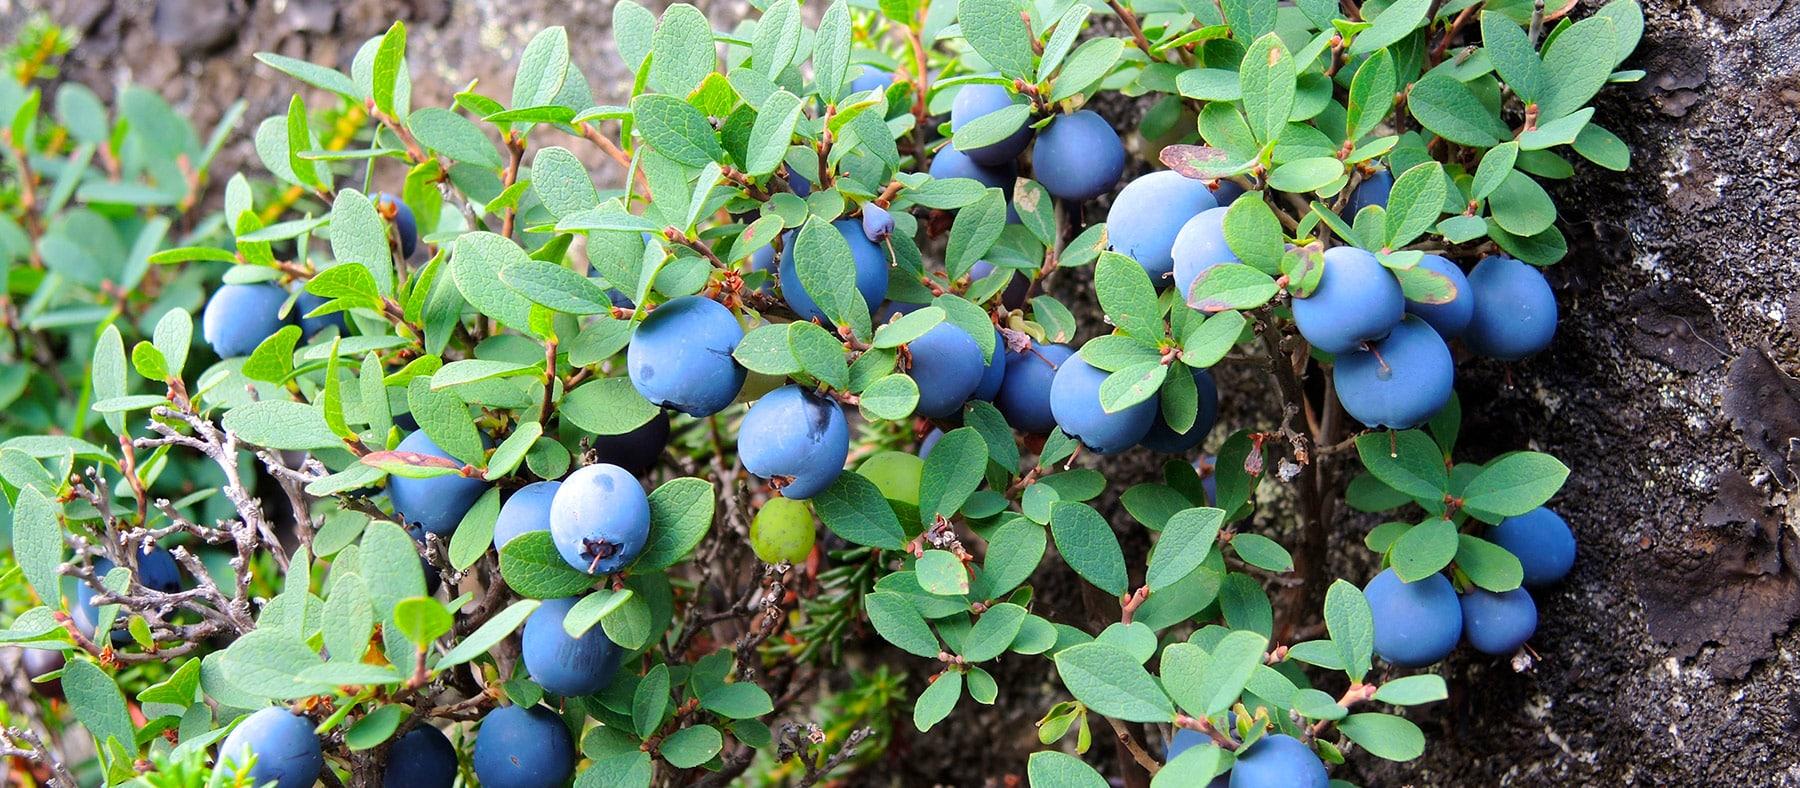 petits-fruits-nunanik-bleuets-quebec-le-mag